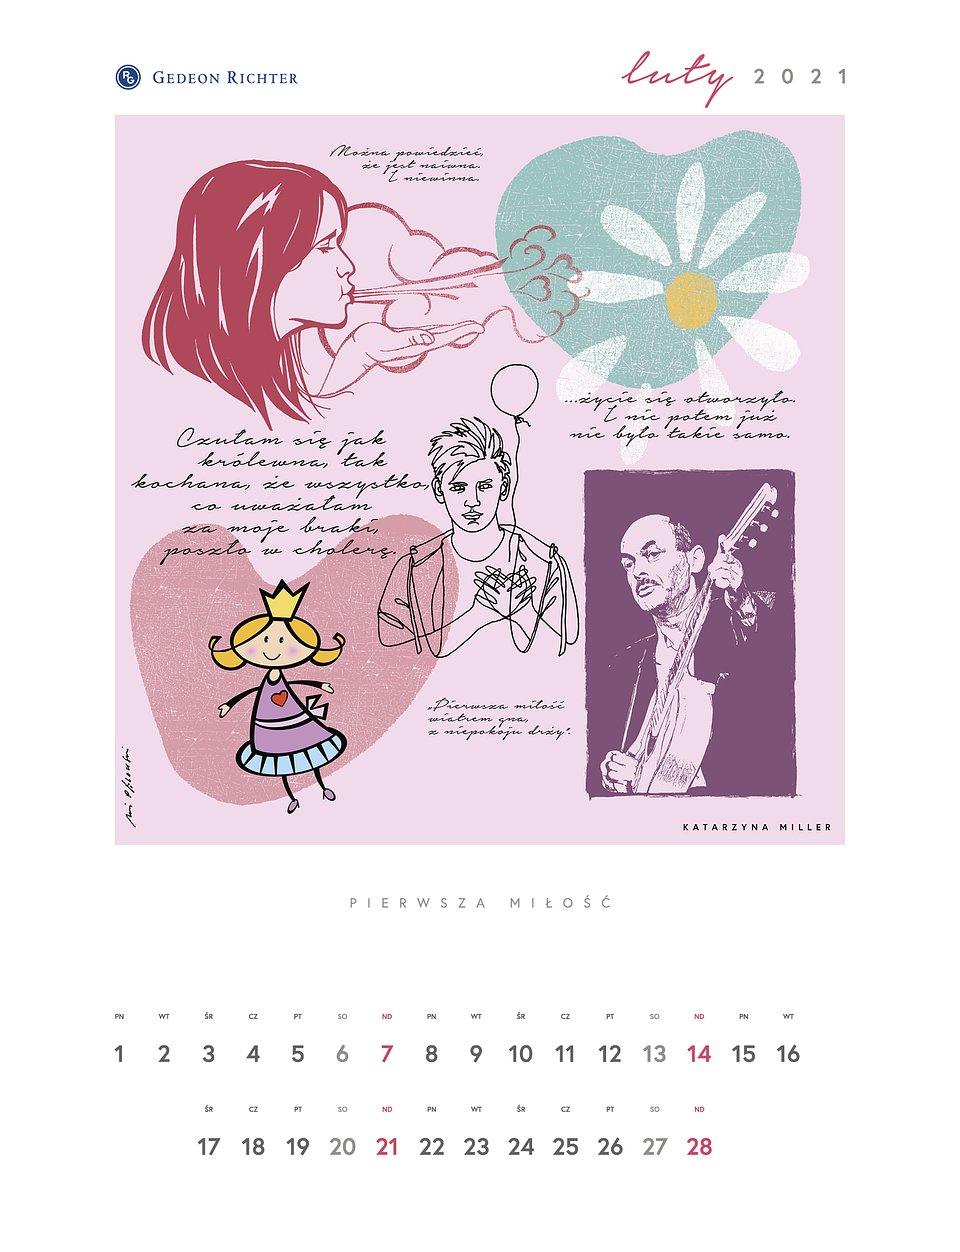 Kalendarz Artystyczny Gedeon Richter, X edycja